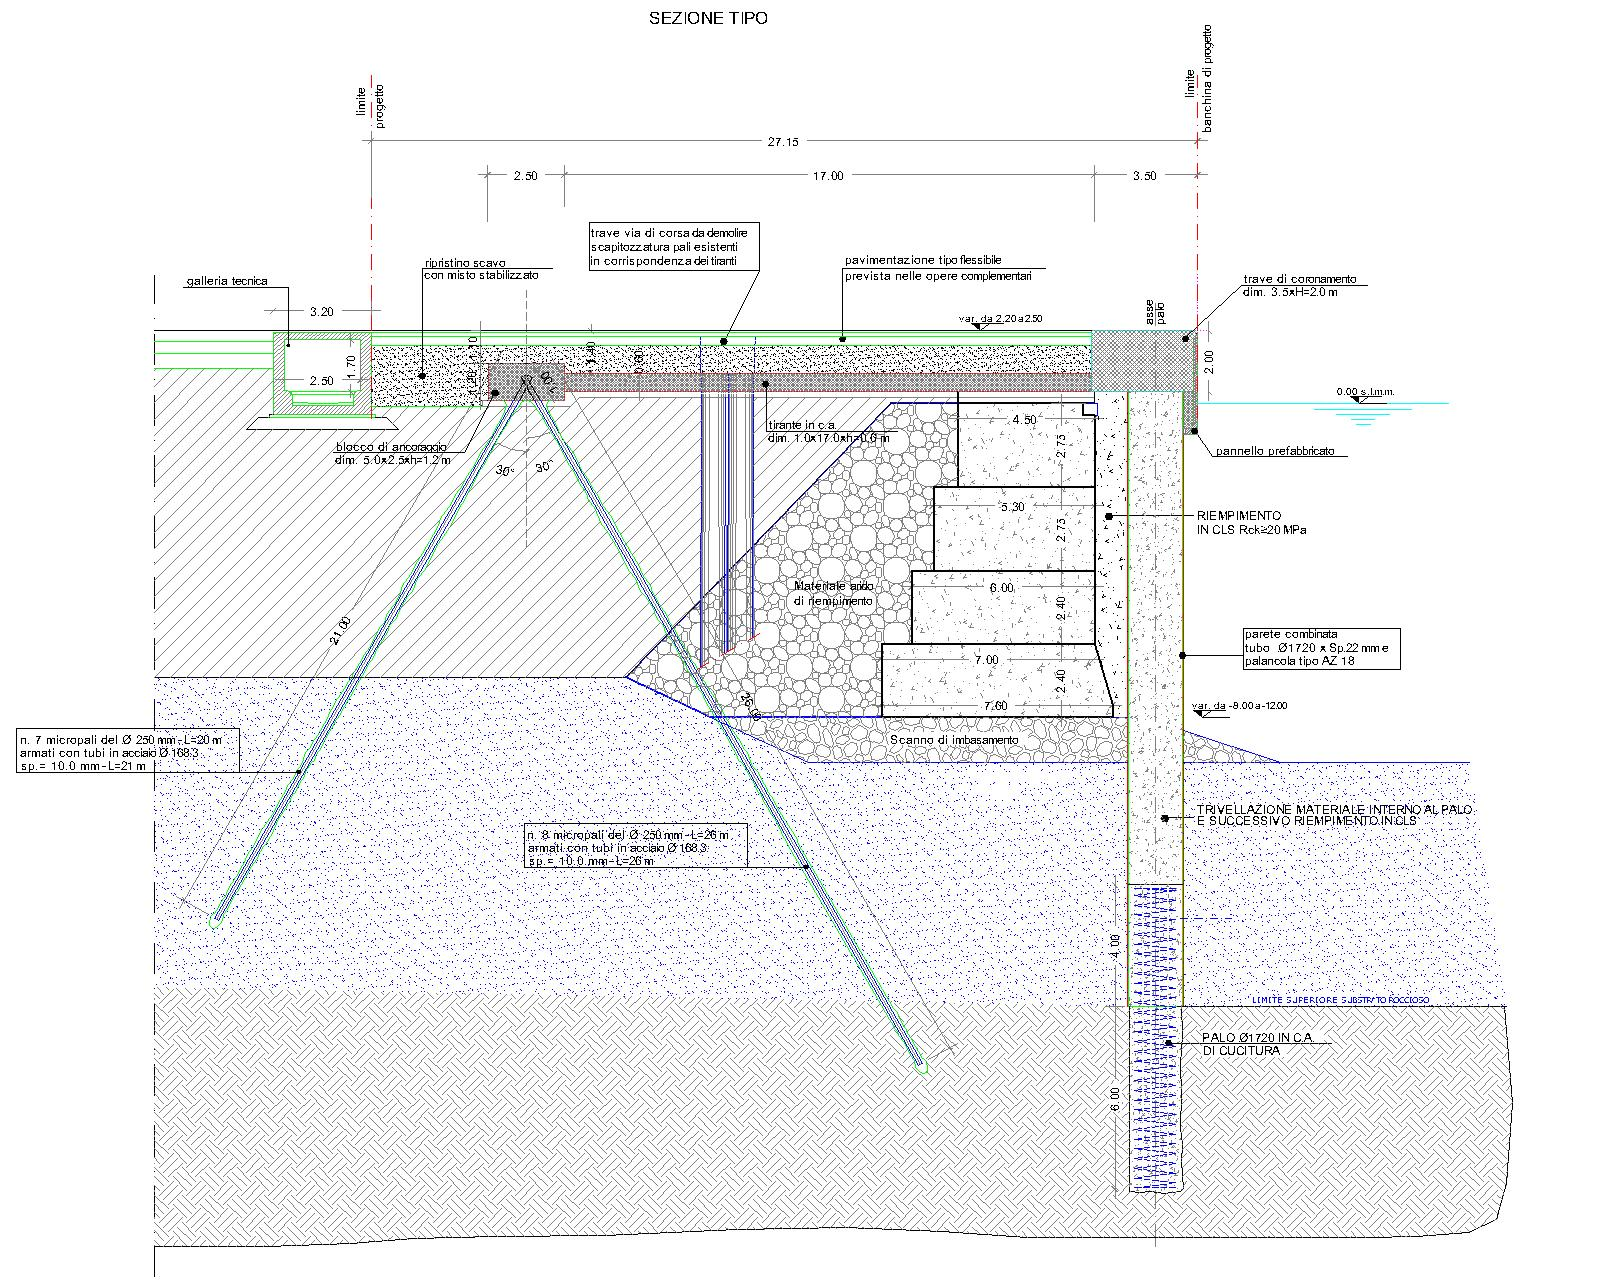 VTT.06A - MOLO TRAPEZIO Sezioni tipologiche-Model